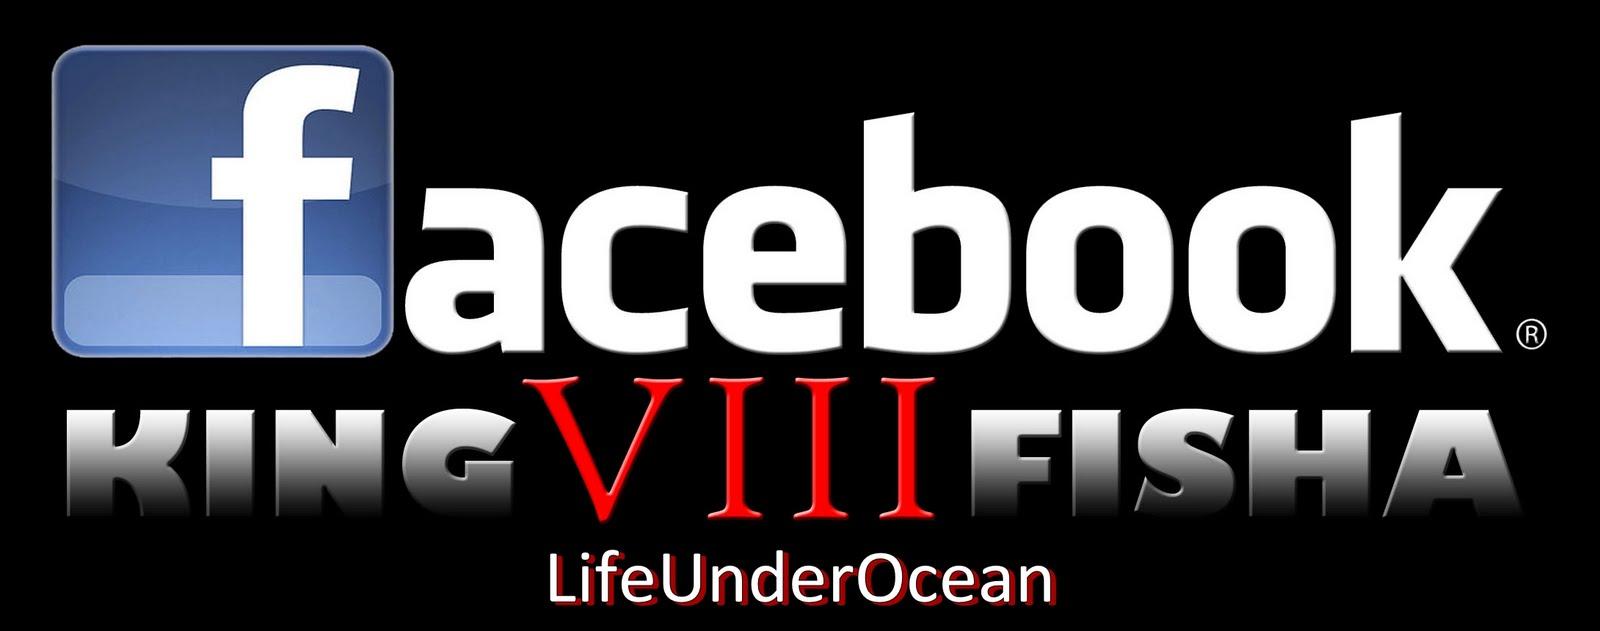 LifeUnderOcean